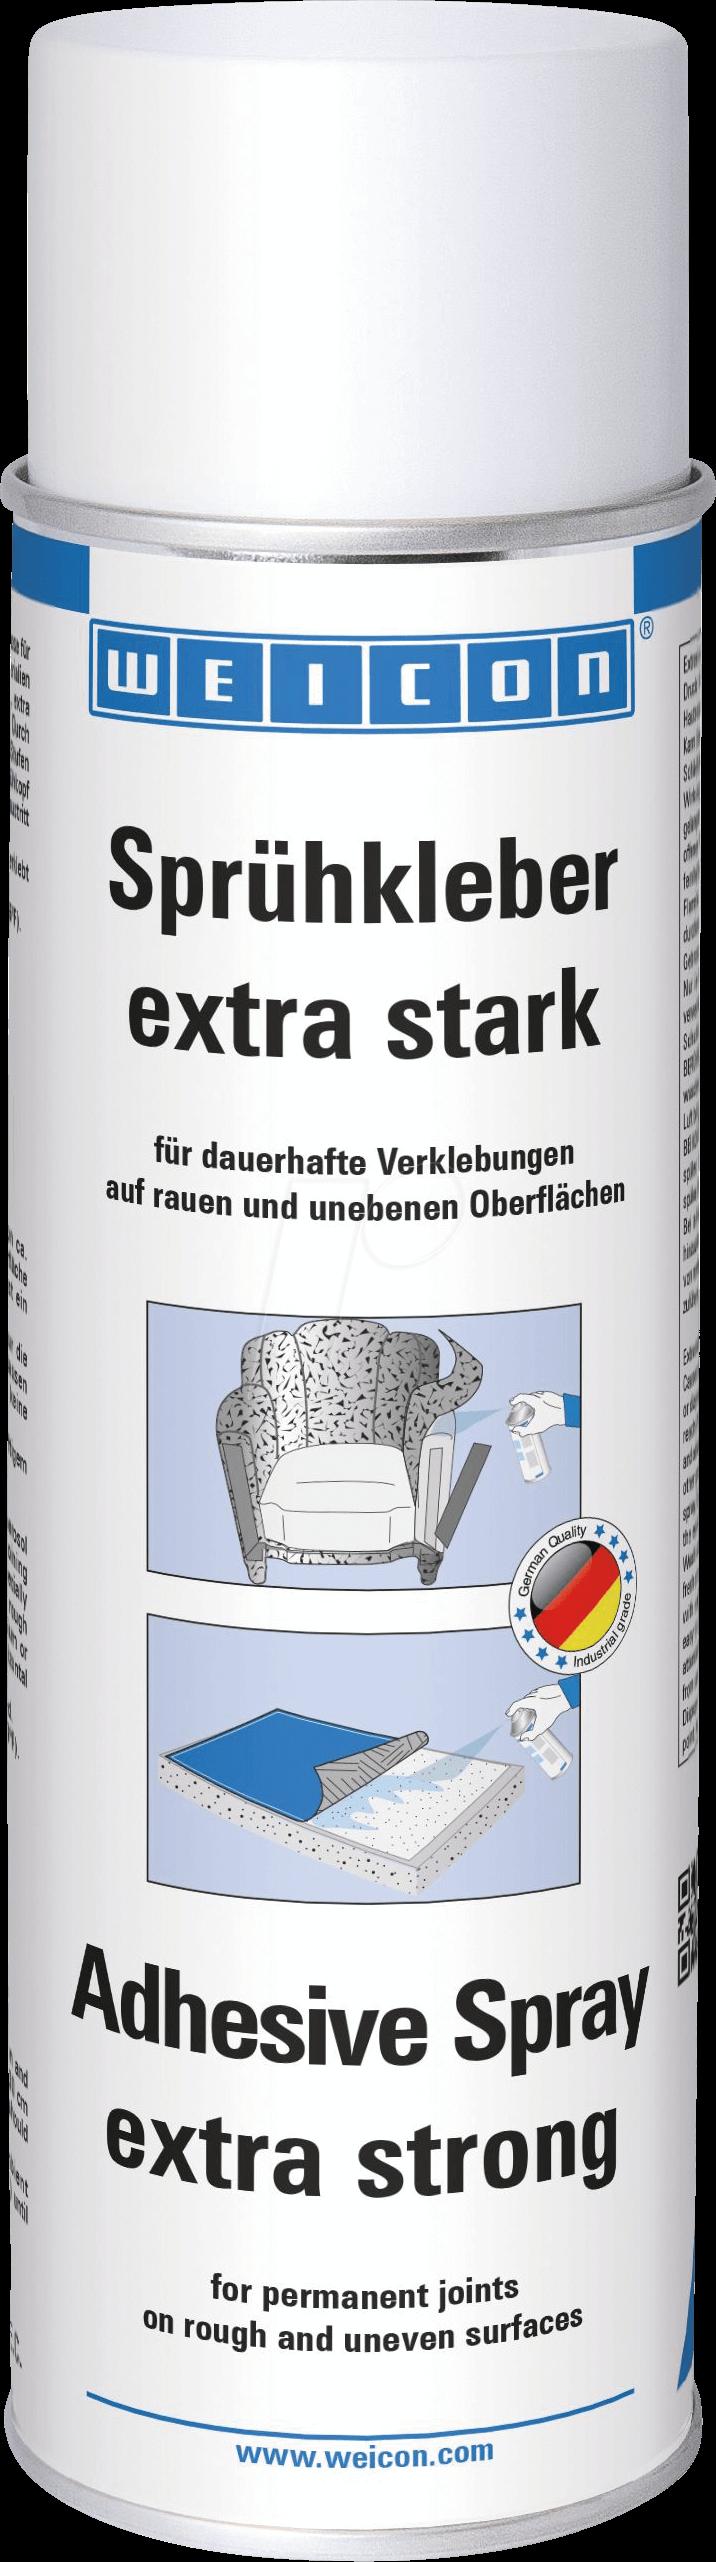 https://cdn-reichelt.de/bilder/web/xxl_ws/D800/SPRUEHKLEBER_EXTRA_STARK_.png